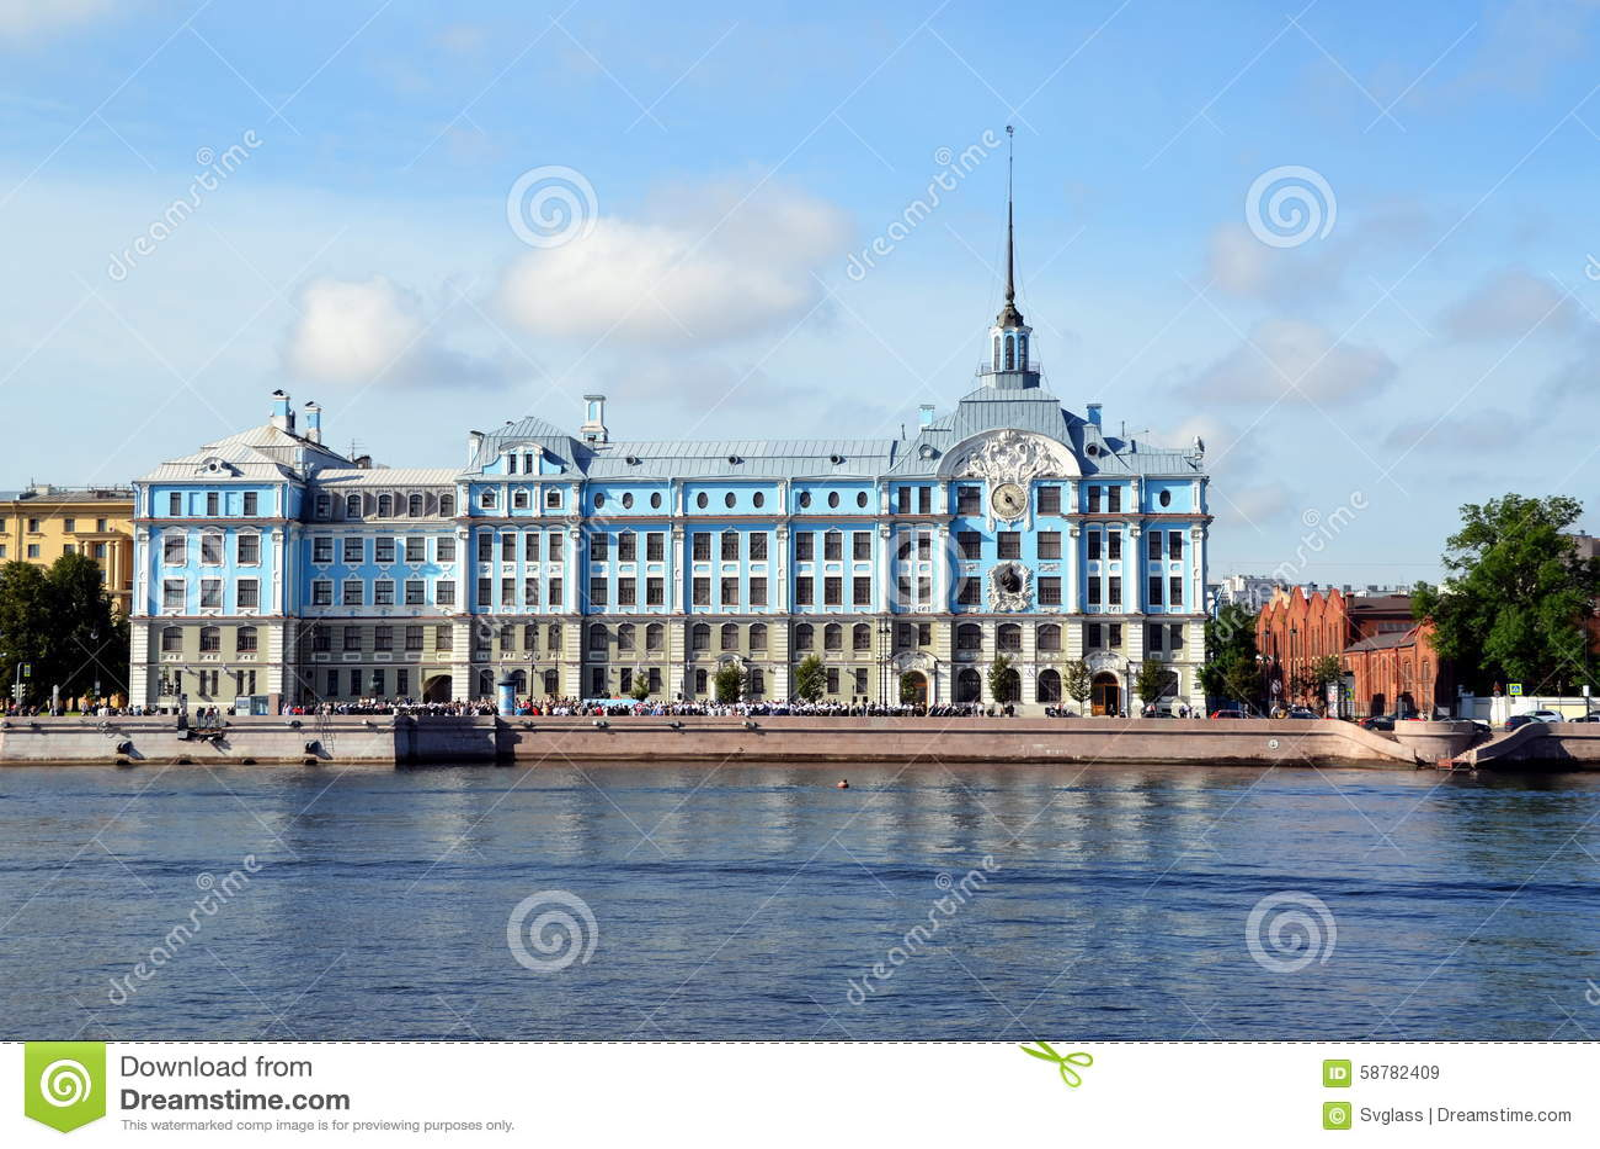 Nakhimov College in St. Petersburg 35